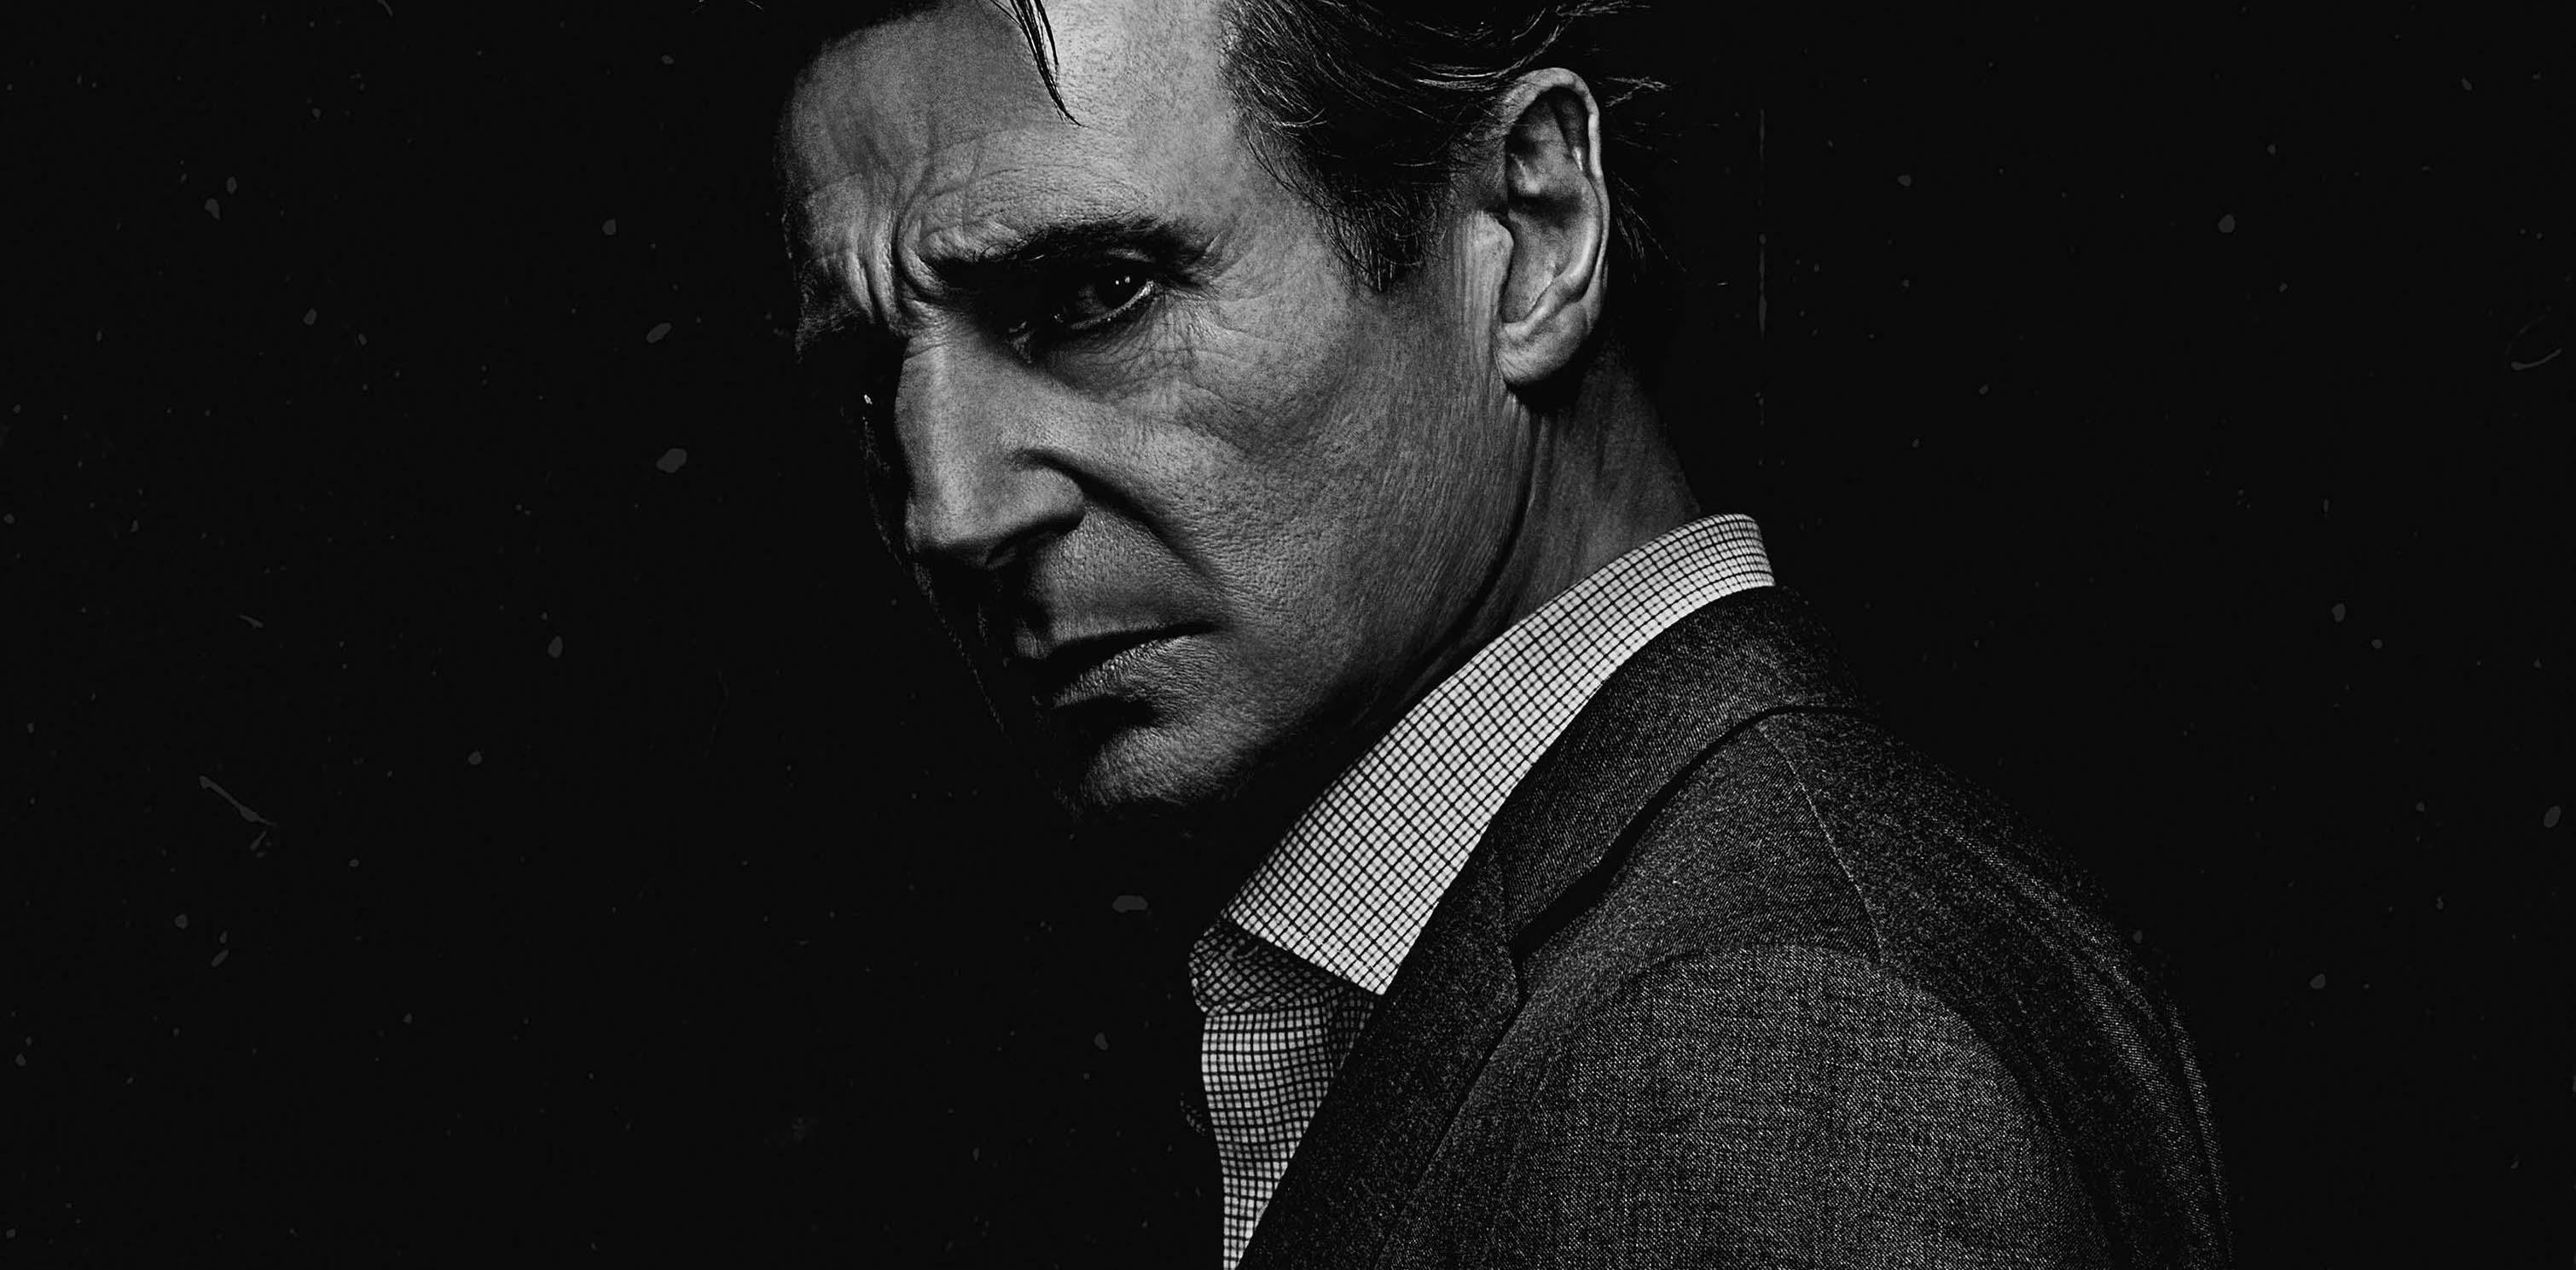 L'Uomo Sul Treno - The Commuter: guai a far arrabbiare Liam Neeson!